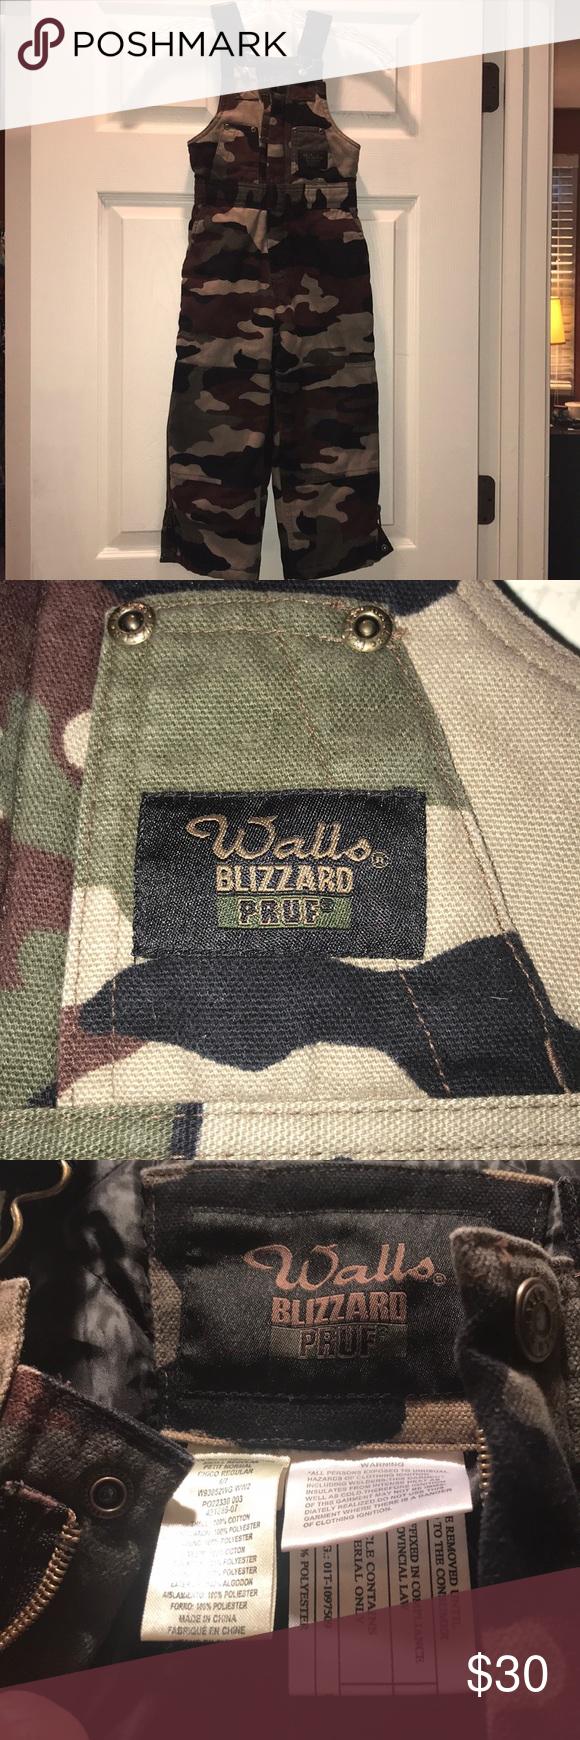 walls blizzard pruf camo overalls overalls camo on walls coveralls camo id=27933